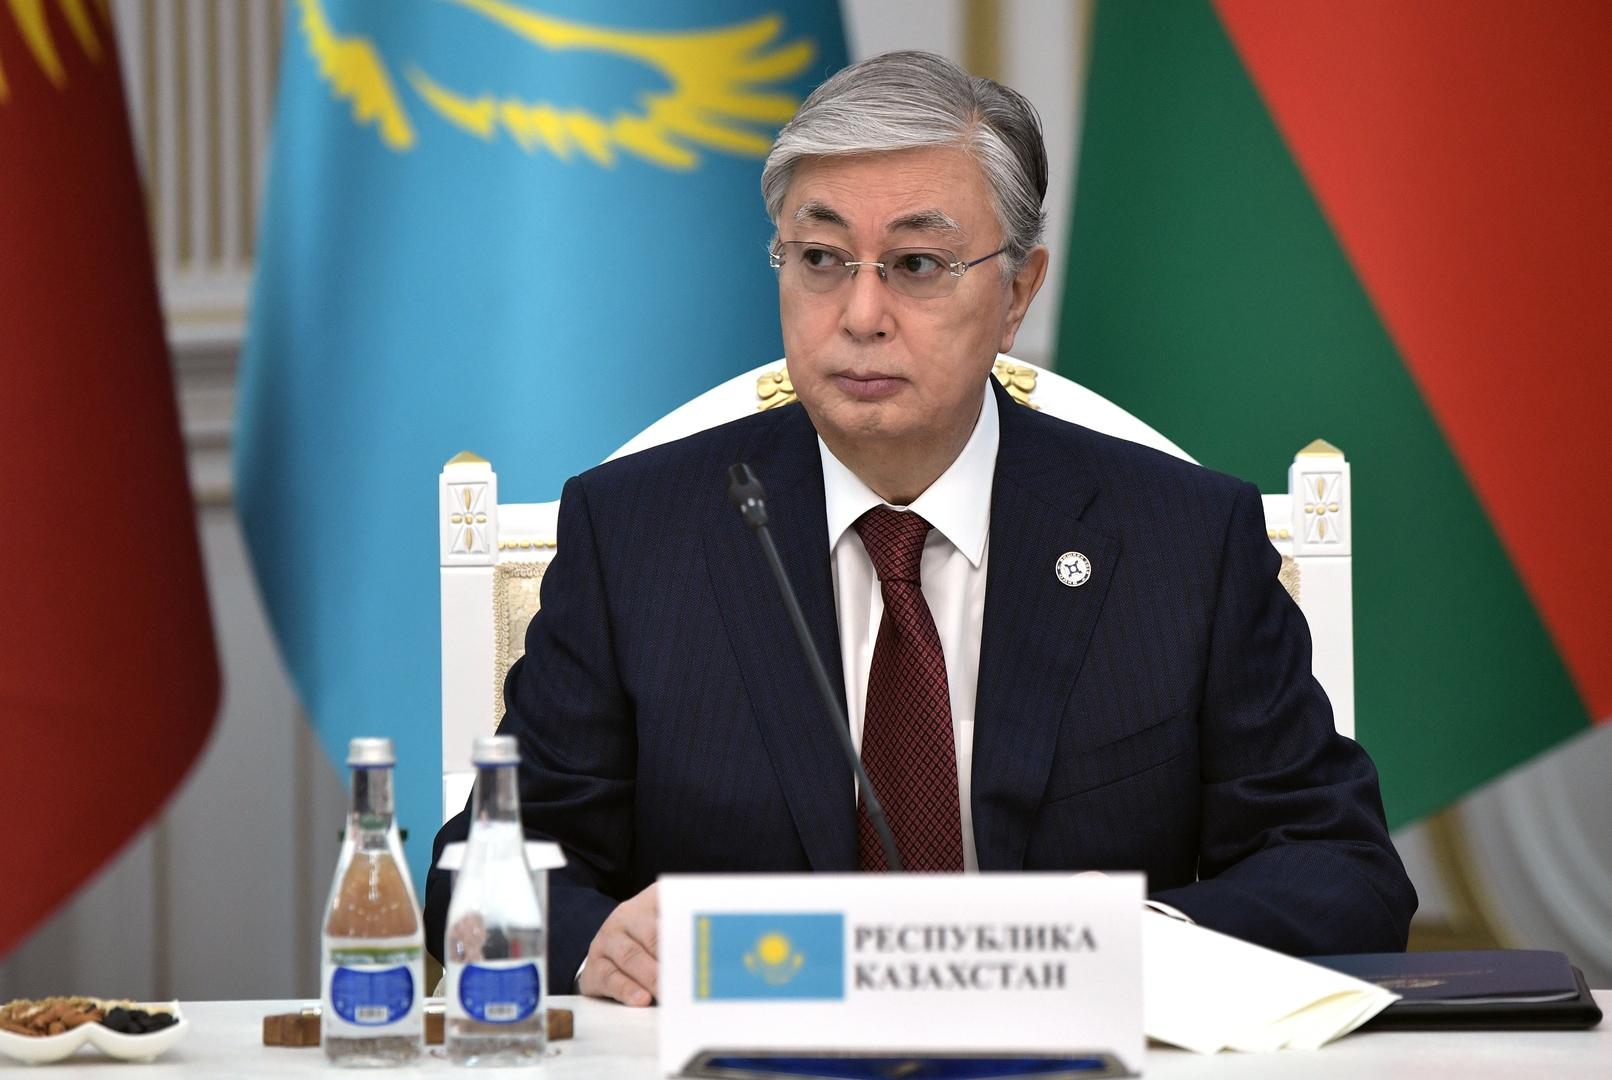 رئيس جمهورية كازاخستان، قاسم جومارت توكاييف